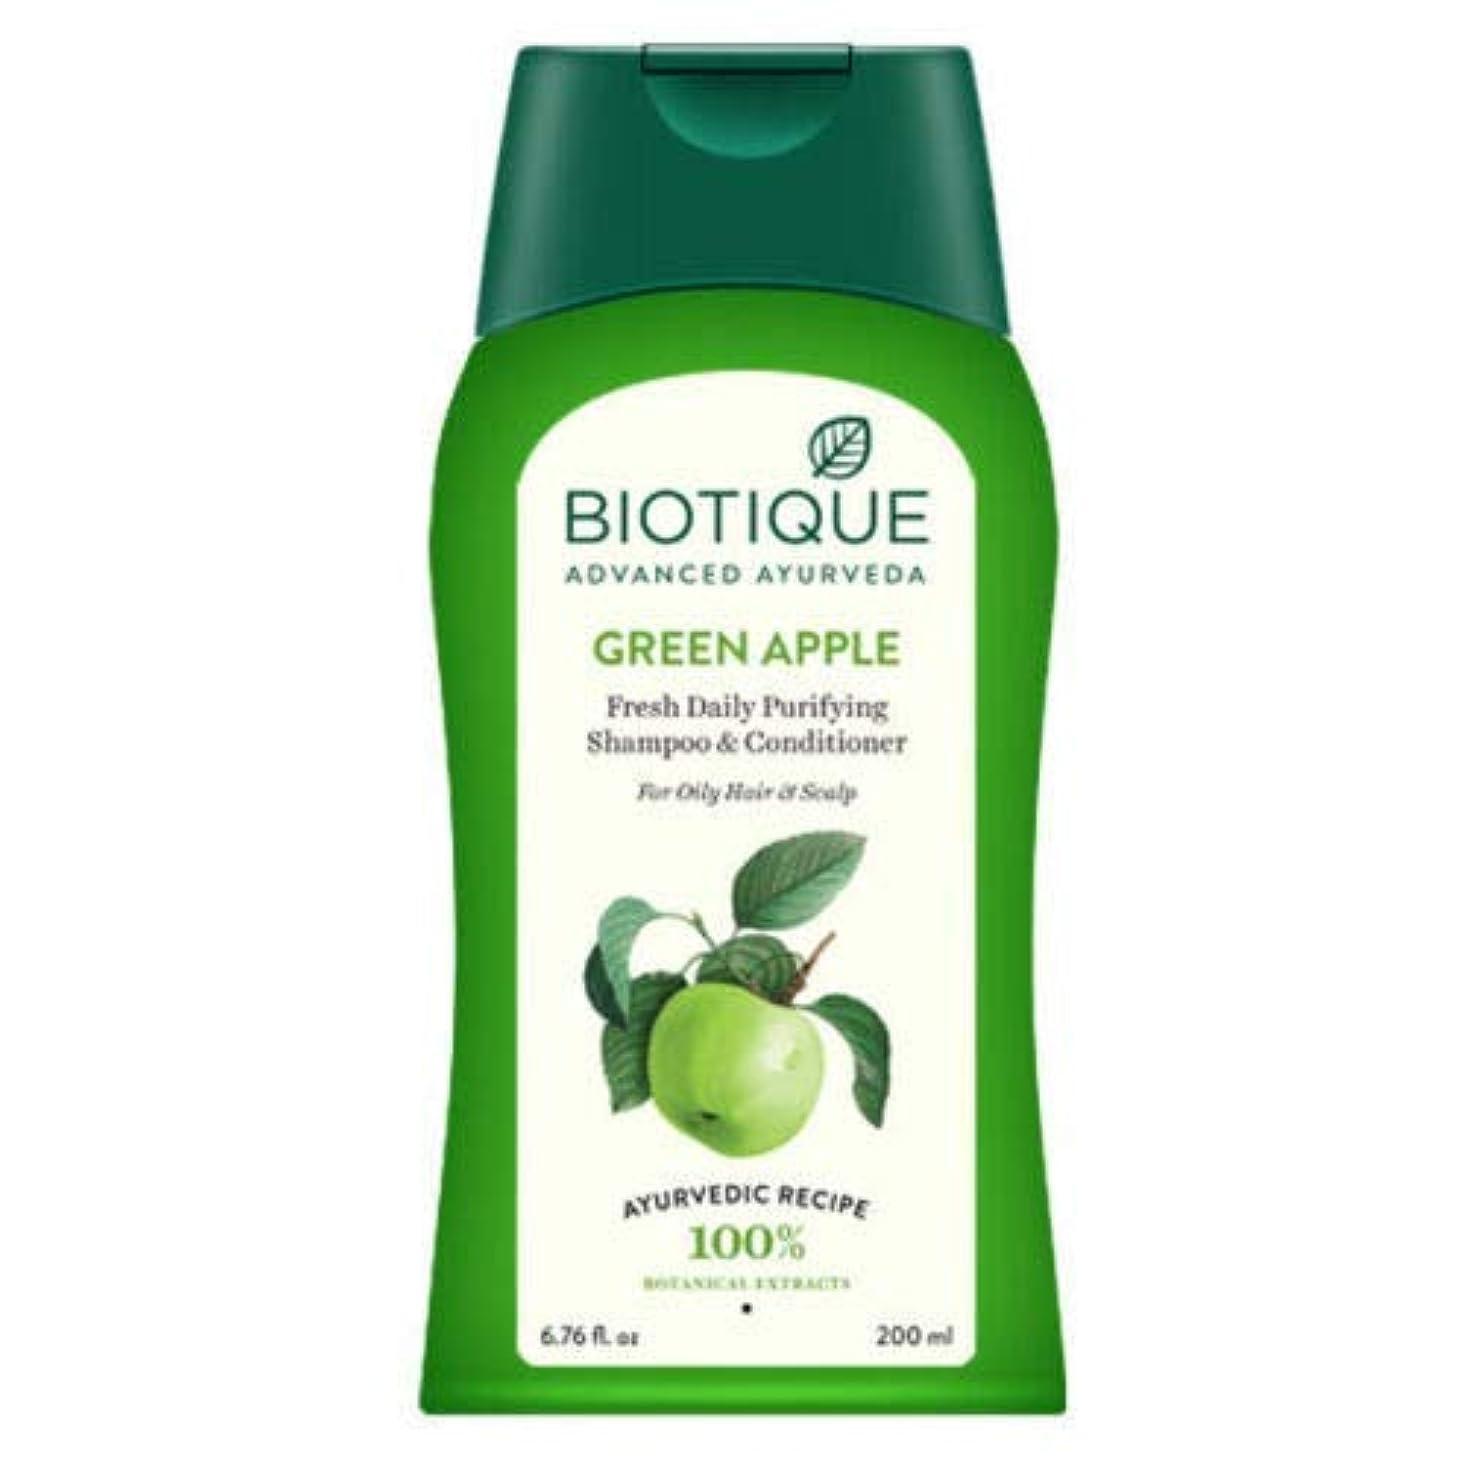 荒涼とした高価なBiotique Bio Green Apple Shampoo & Conditioner 200ml natural minerals & proteins Biotiqueバイオグリーンアップルシャンプー&コンディショナー天然ミネラルとタンパク質